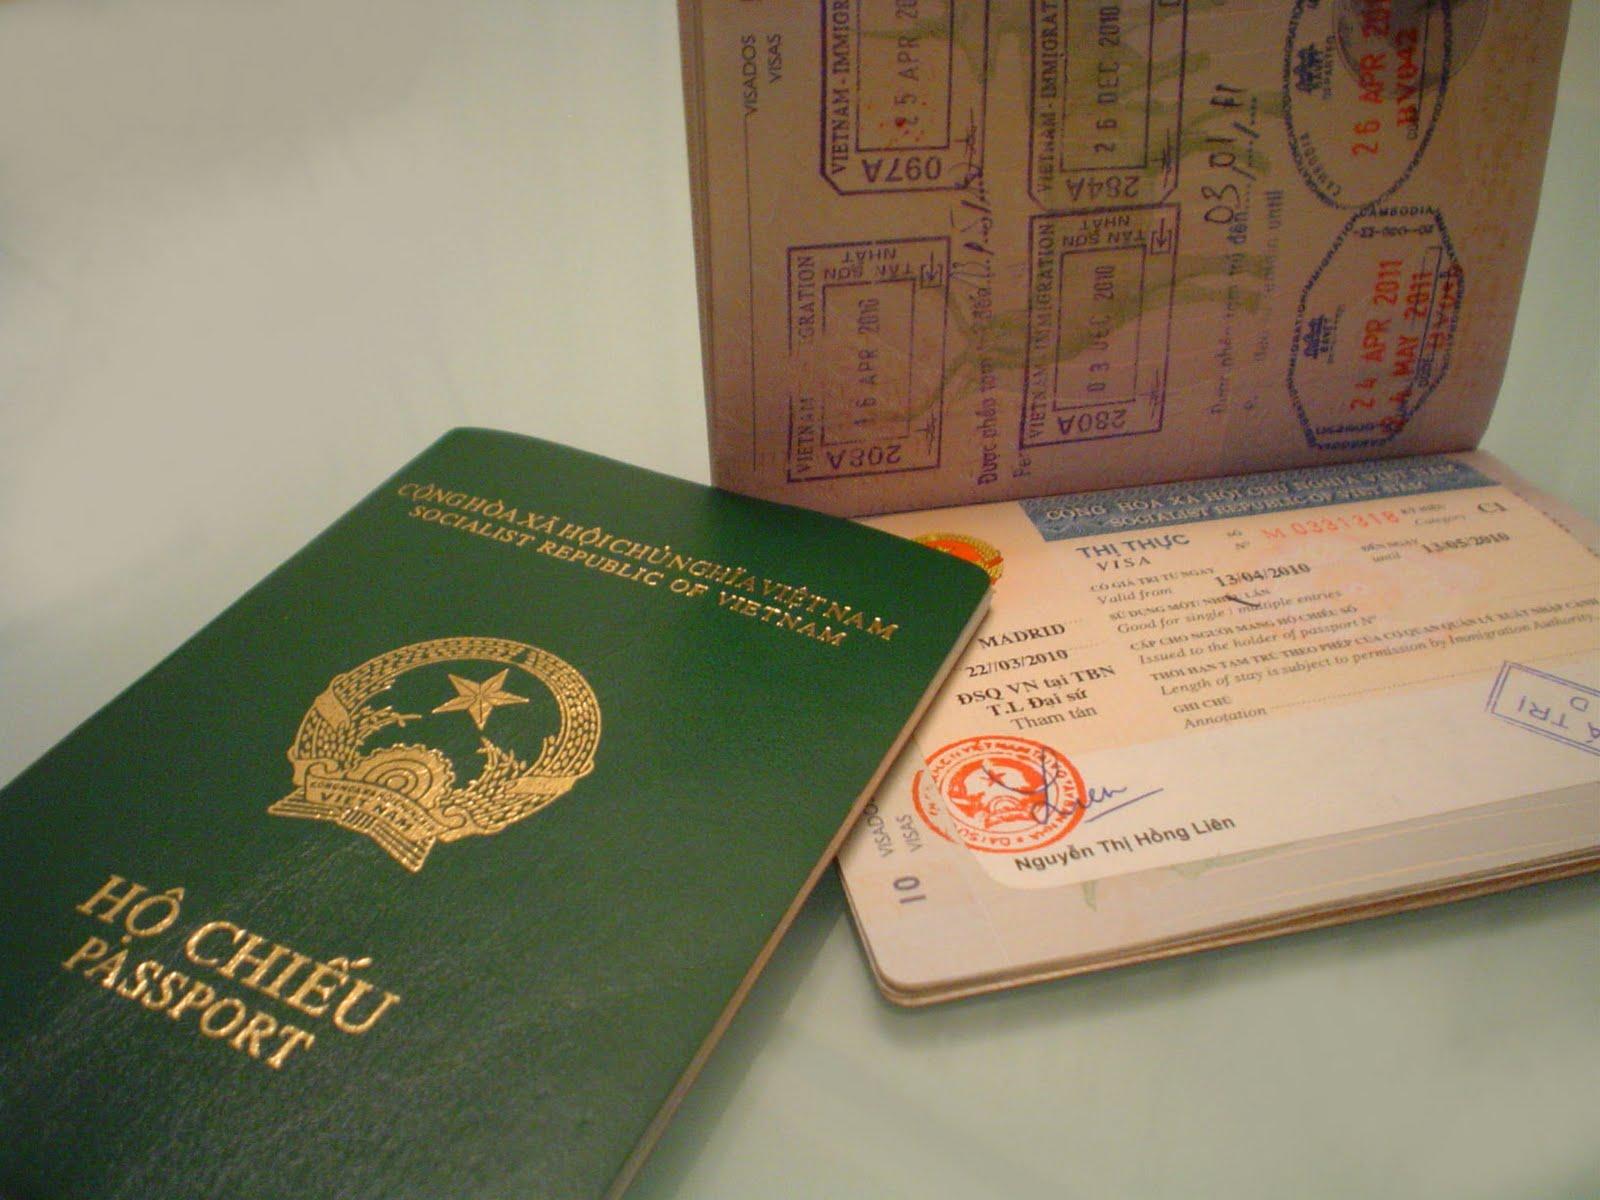 Thông Báo Có Quốc Tịch Nước Ngoài Và Việc Sử Dụng 02 Hộ Chiếu Khi Làm Thủ Tục Xuất Nhập Cảnh Tại Việt Nam